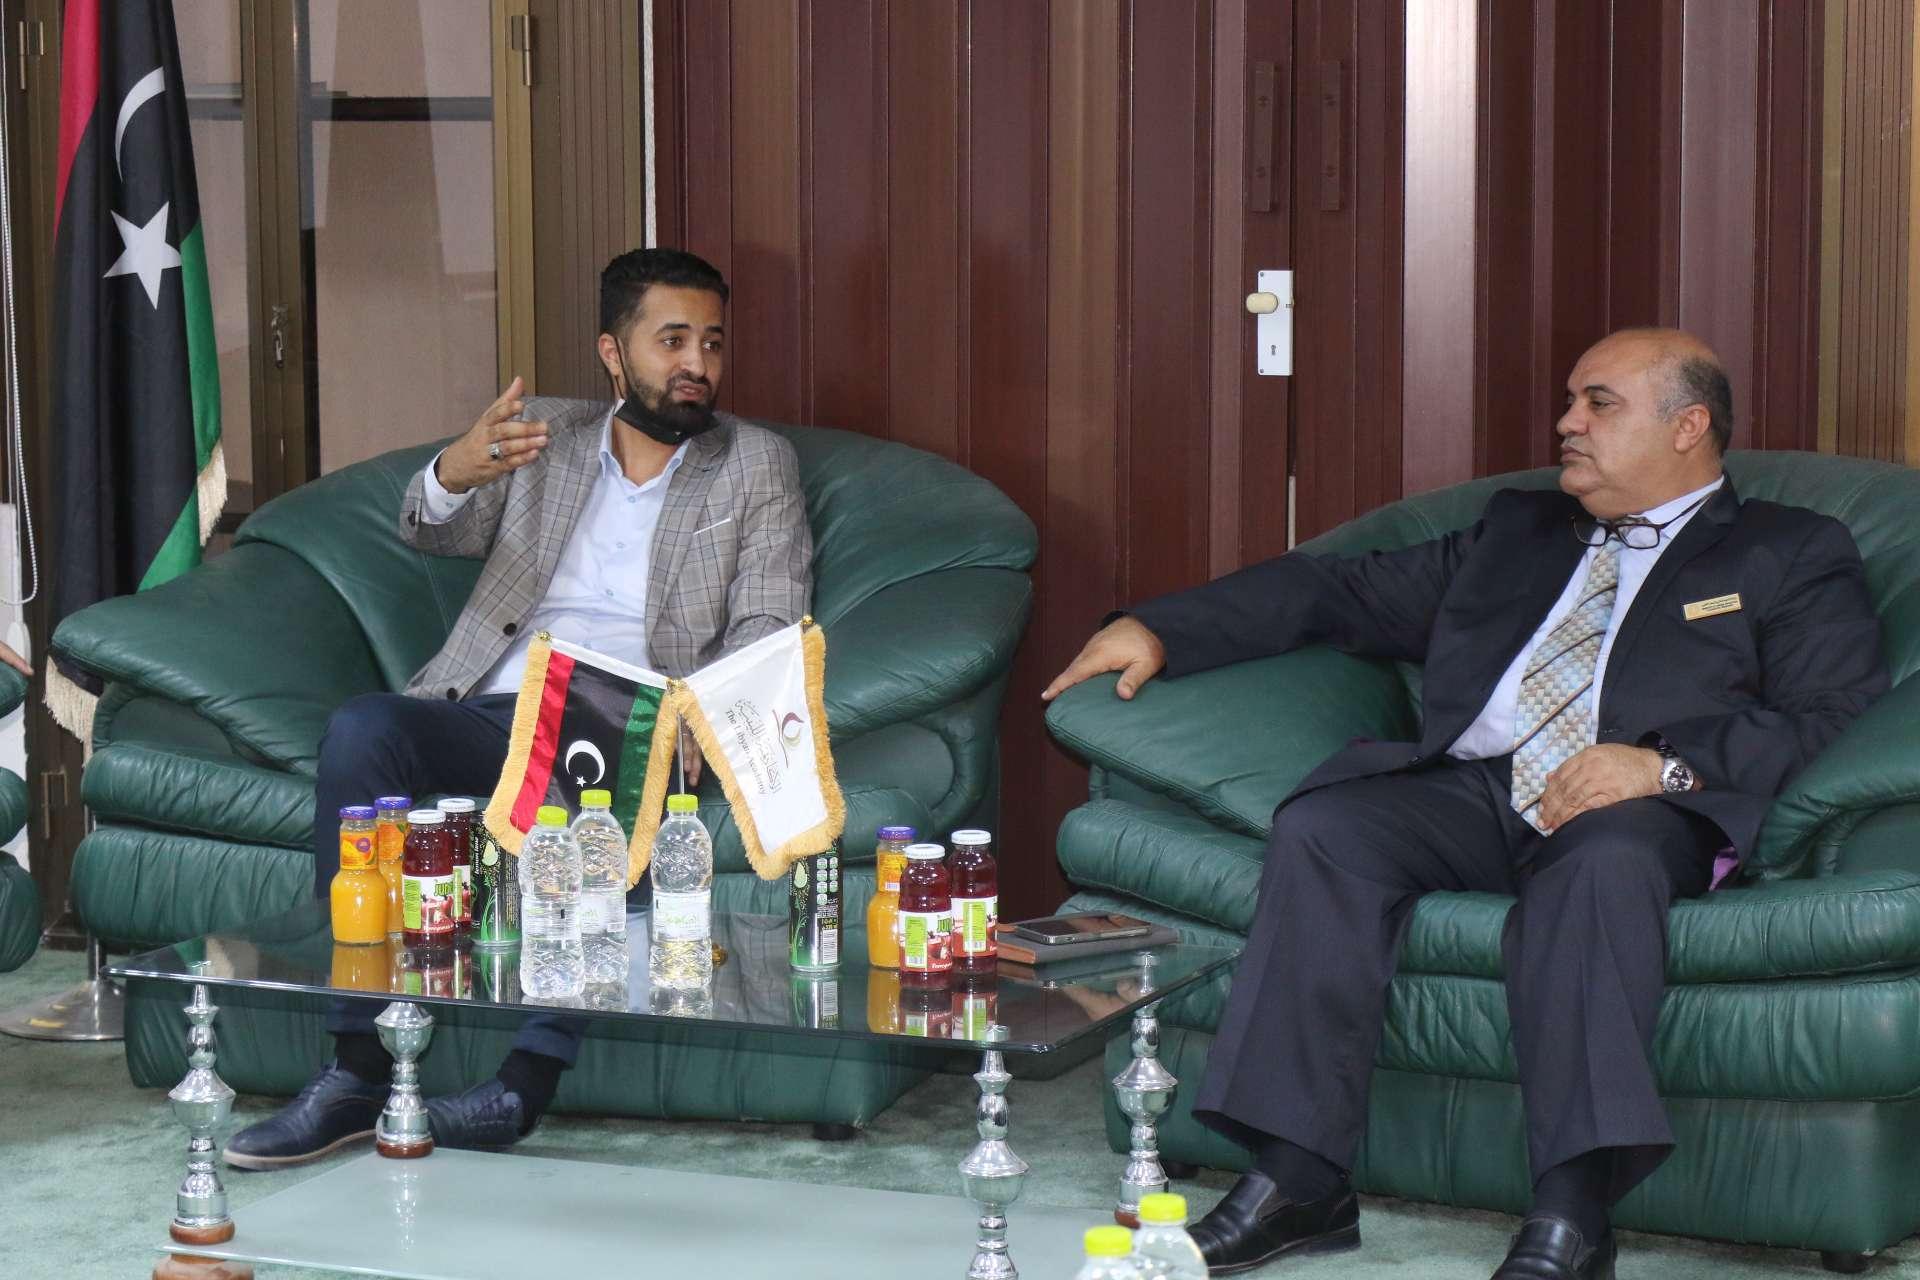 وكيل وزارة الشباب بحكومة الوحدة الوطنية يزور الأكاديمية